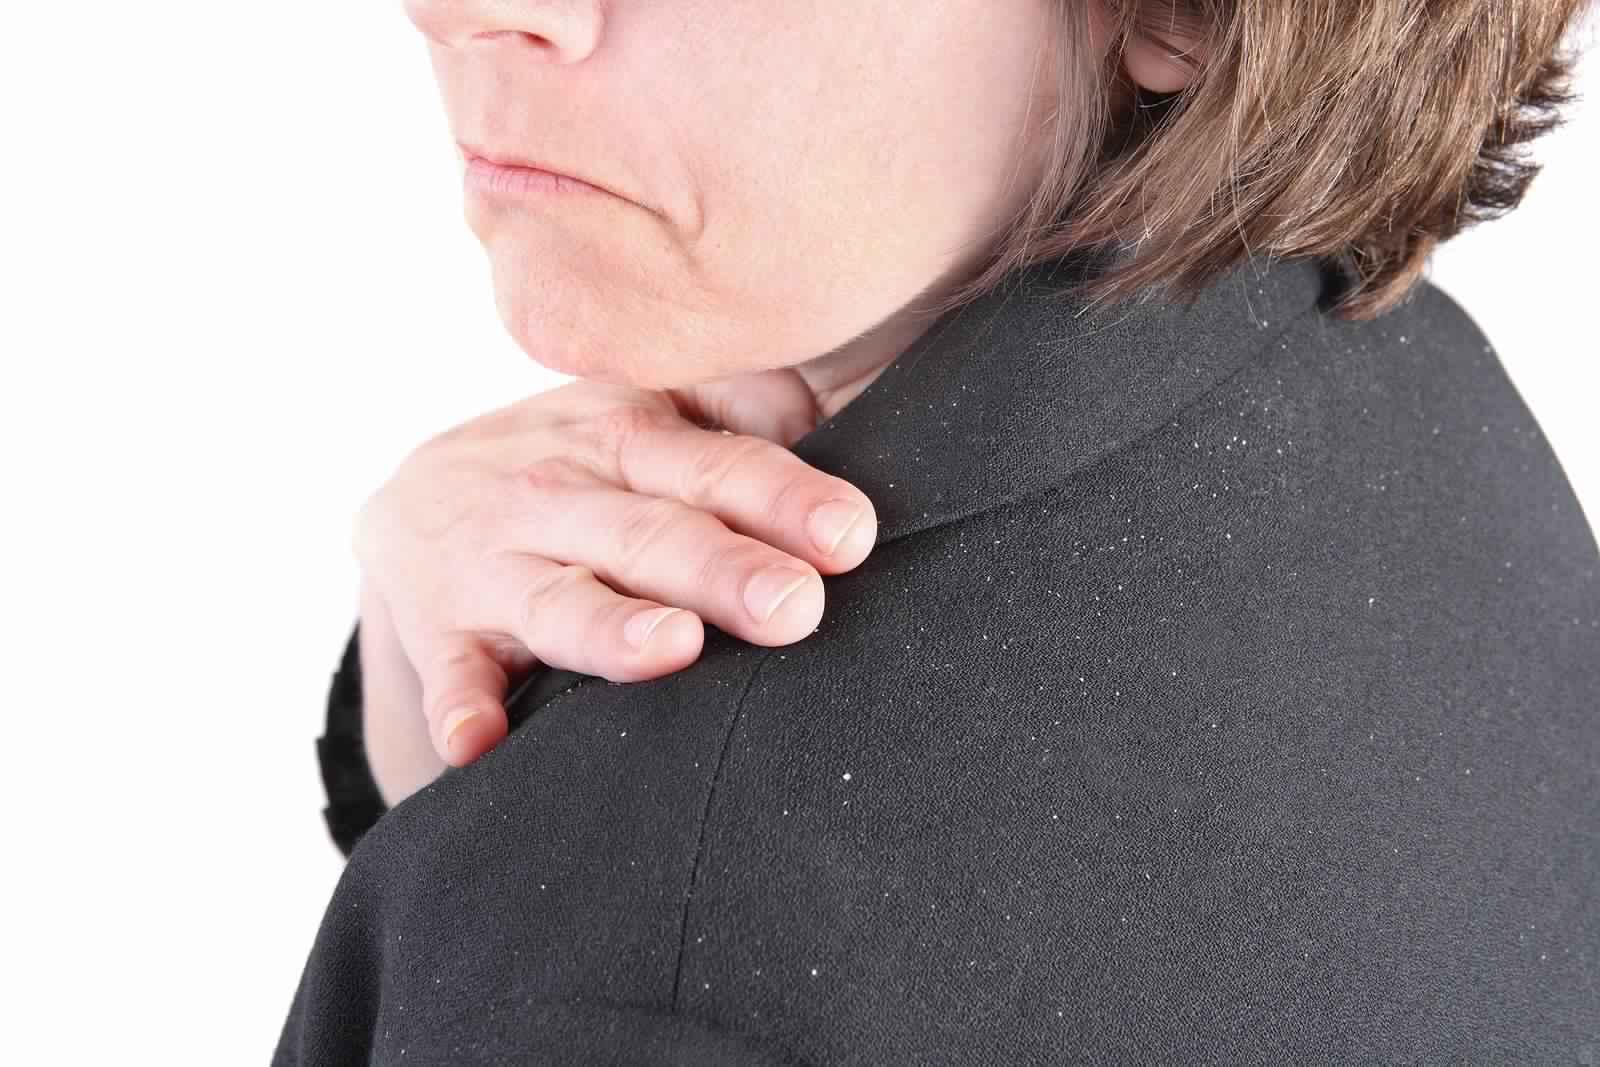 وصفات فعالة لتخلص من قشرة الشعر نهائياً